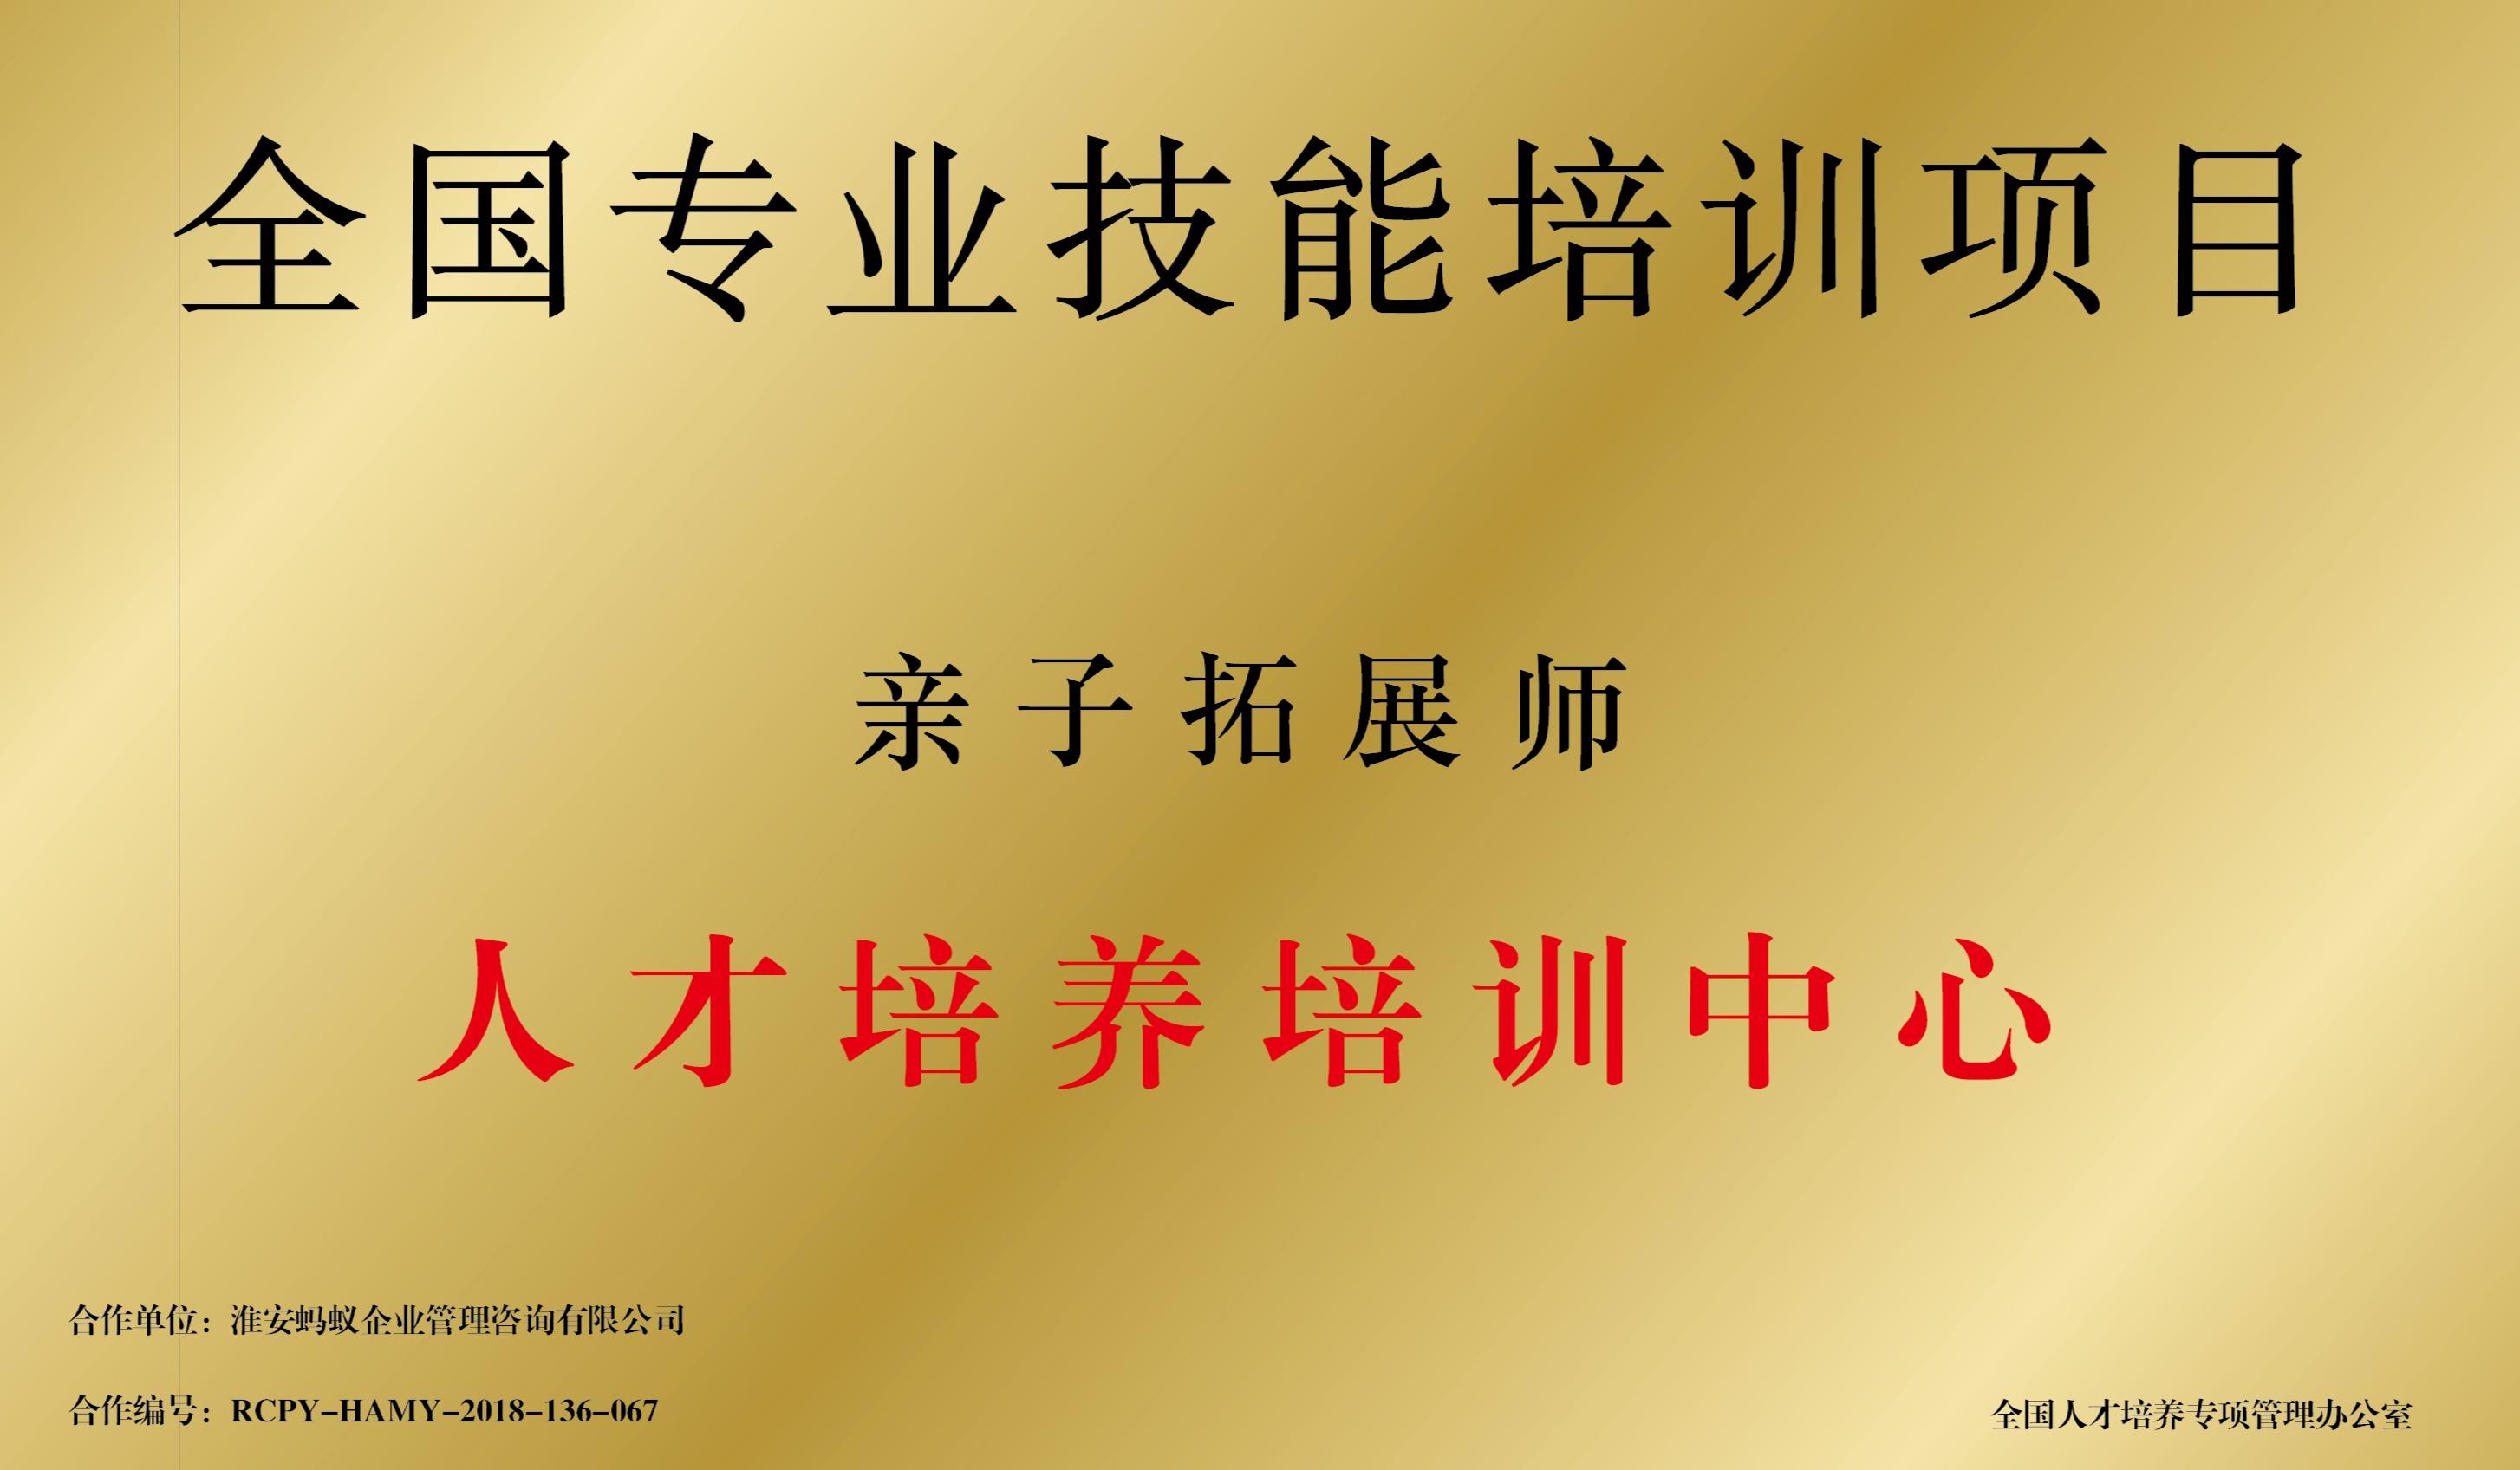 第二十七期国培项目【亲子拓展师】师资认证培训(巴彦淖尔市站)